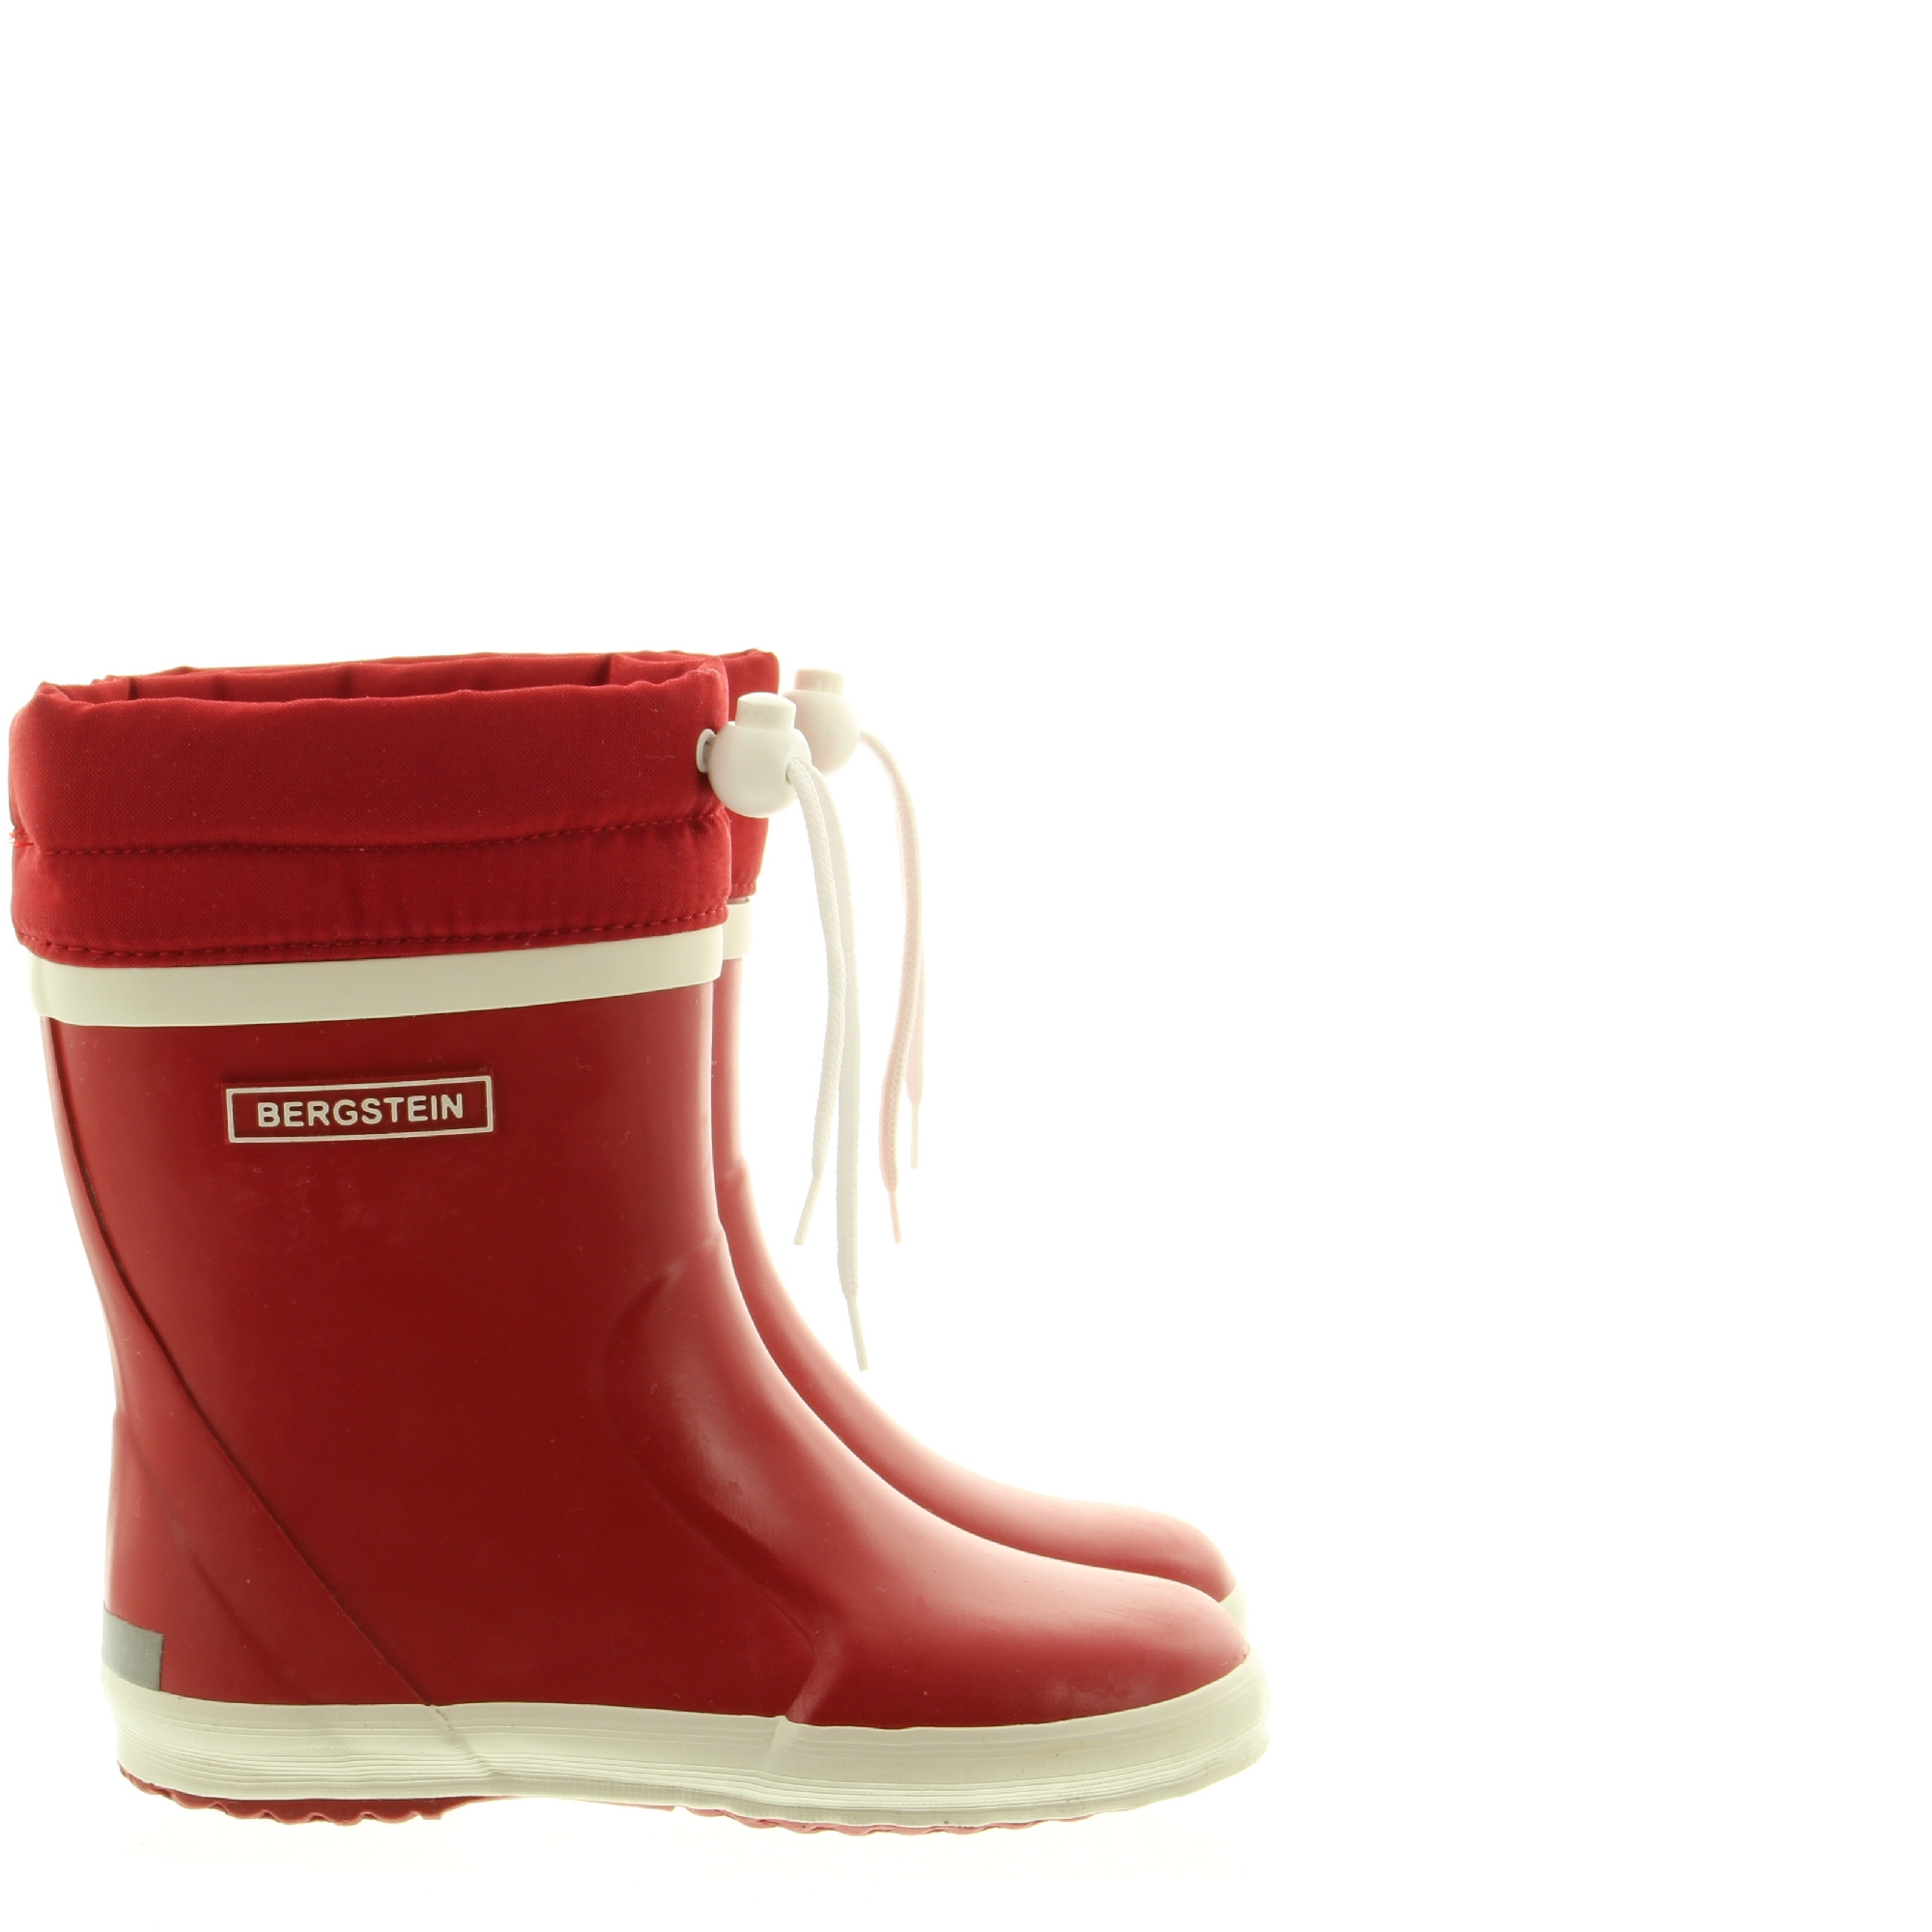 Bergstein Rainboot winter 32 Red